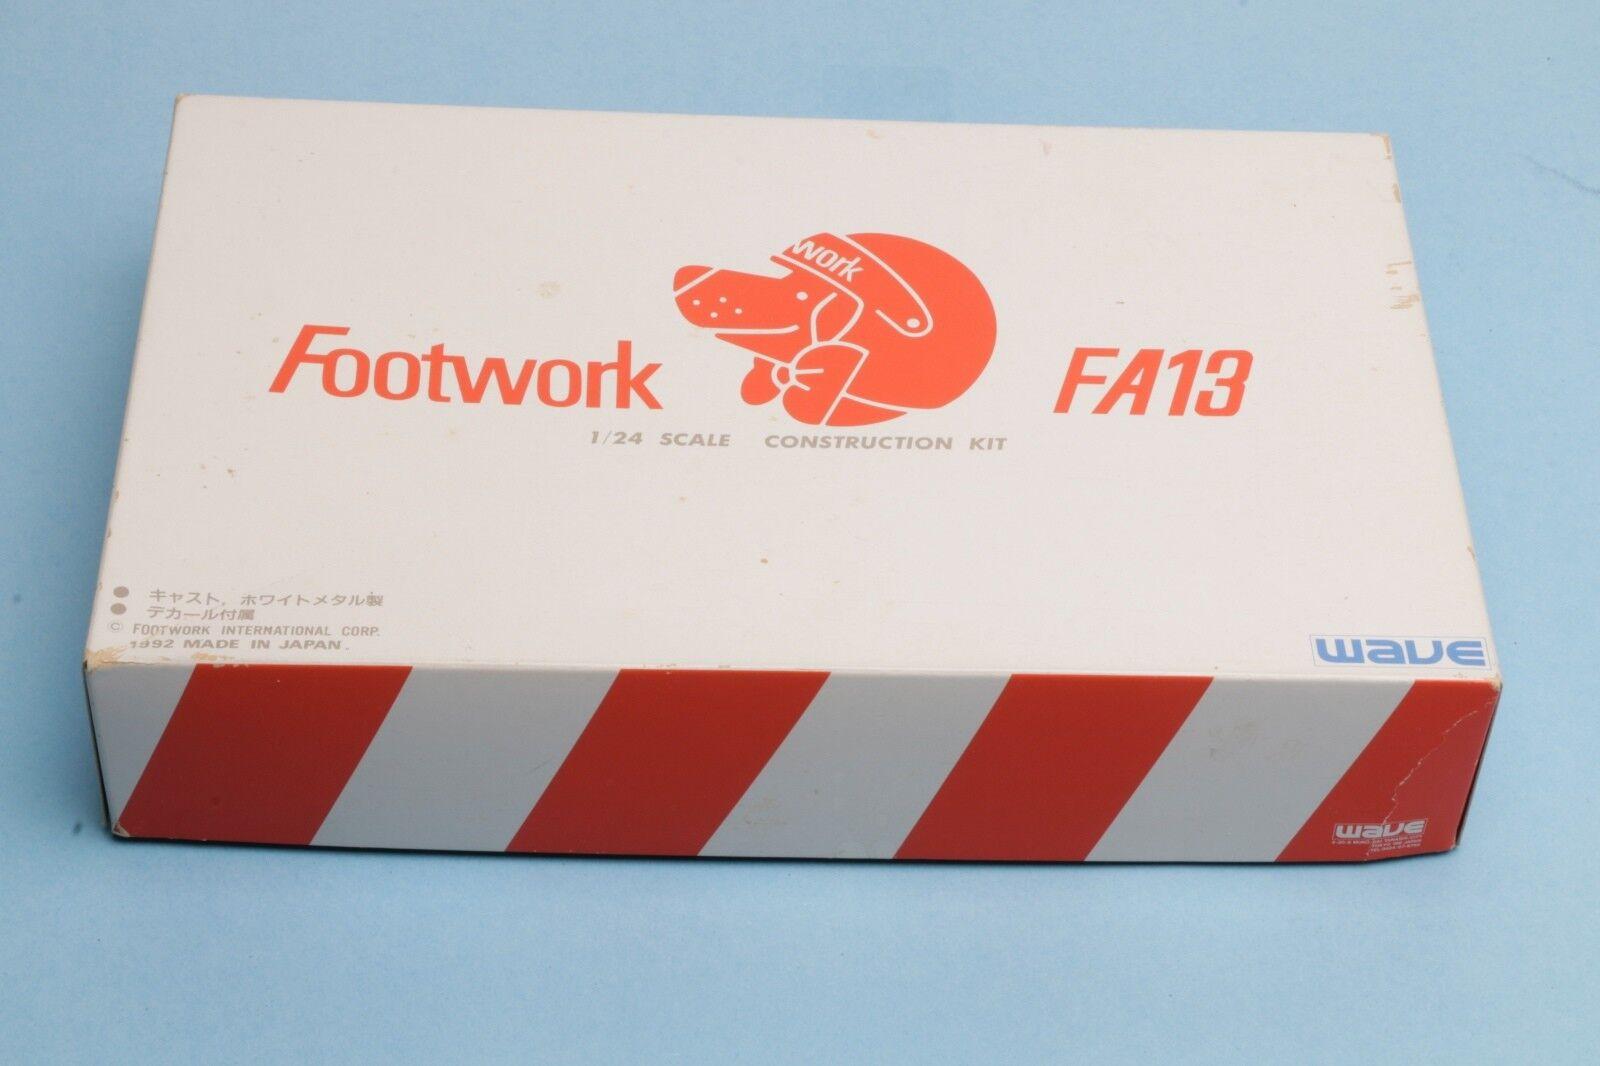 WAVE F1 1 24 Footwork Footwork Footwork FA13 resin metal model kit, AS IS, started b54939